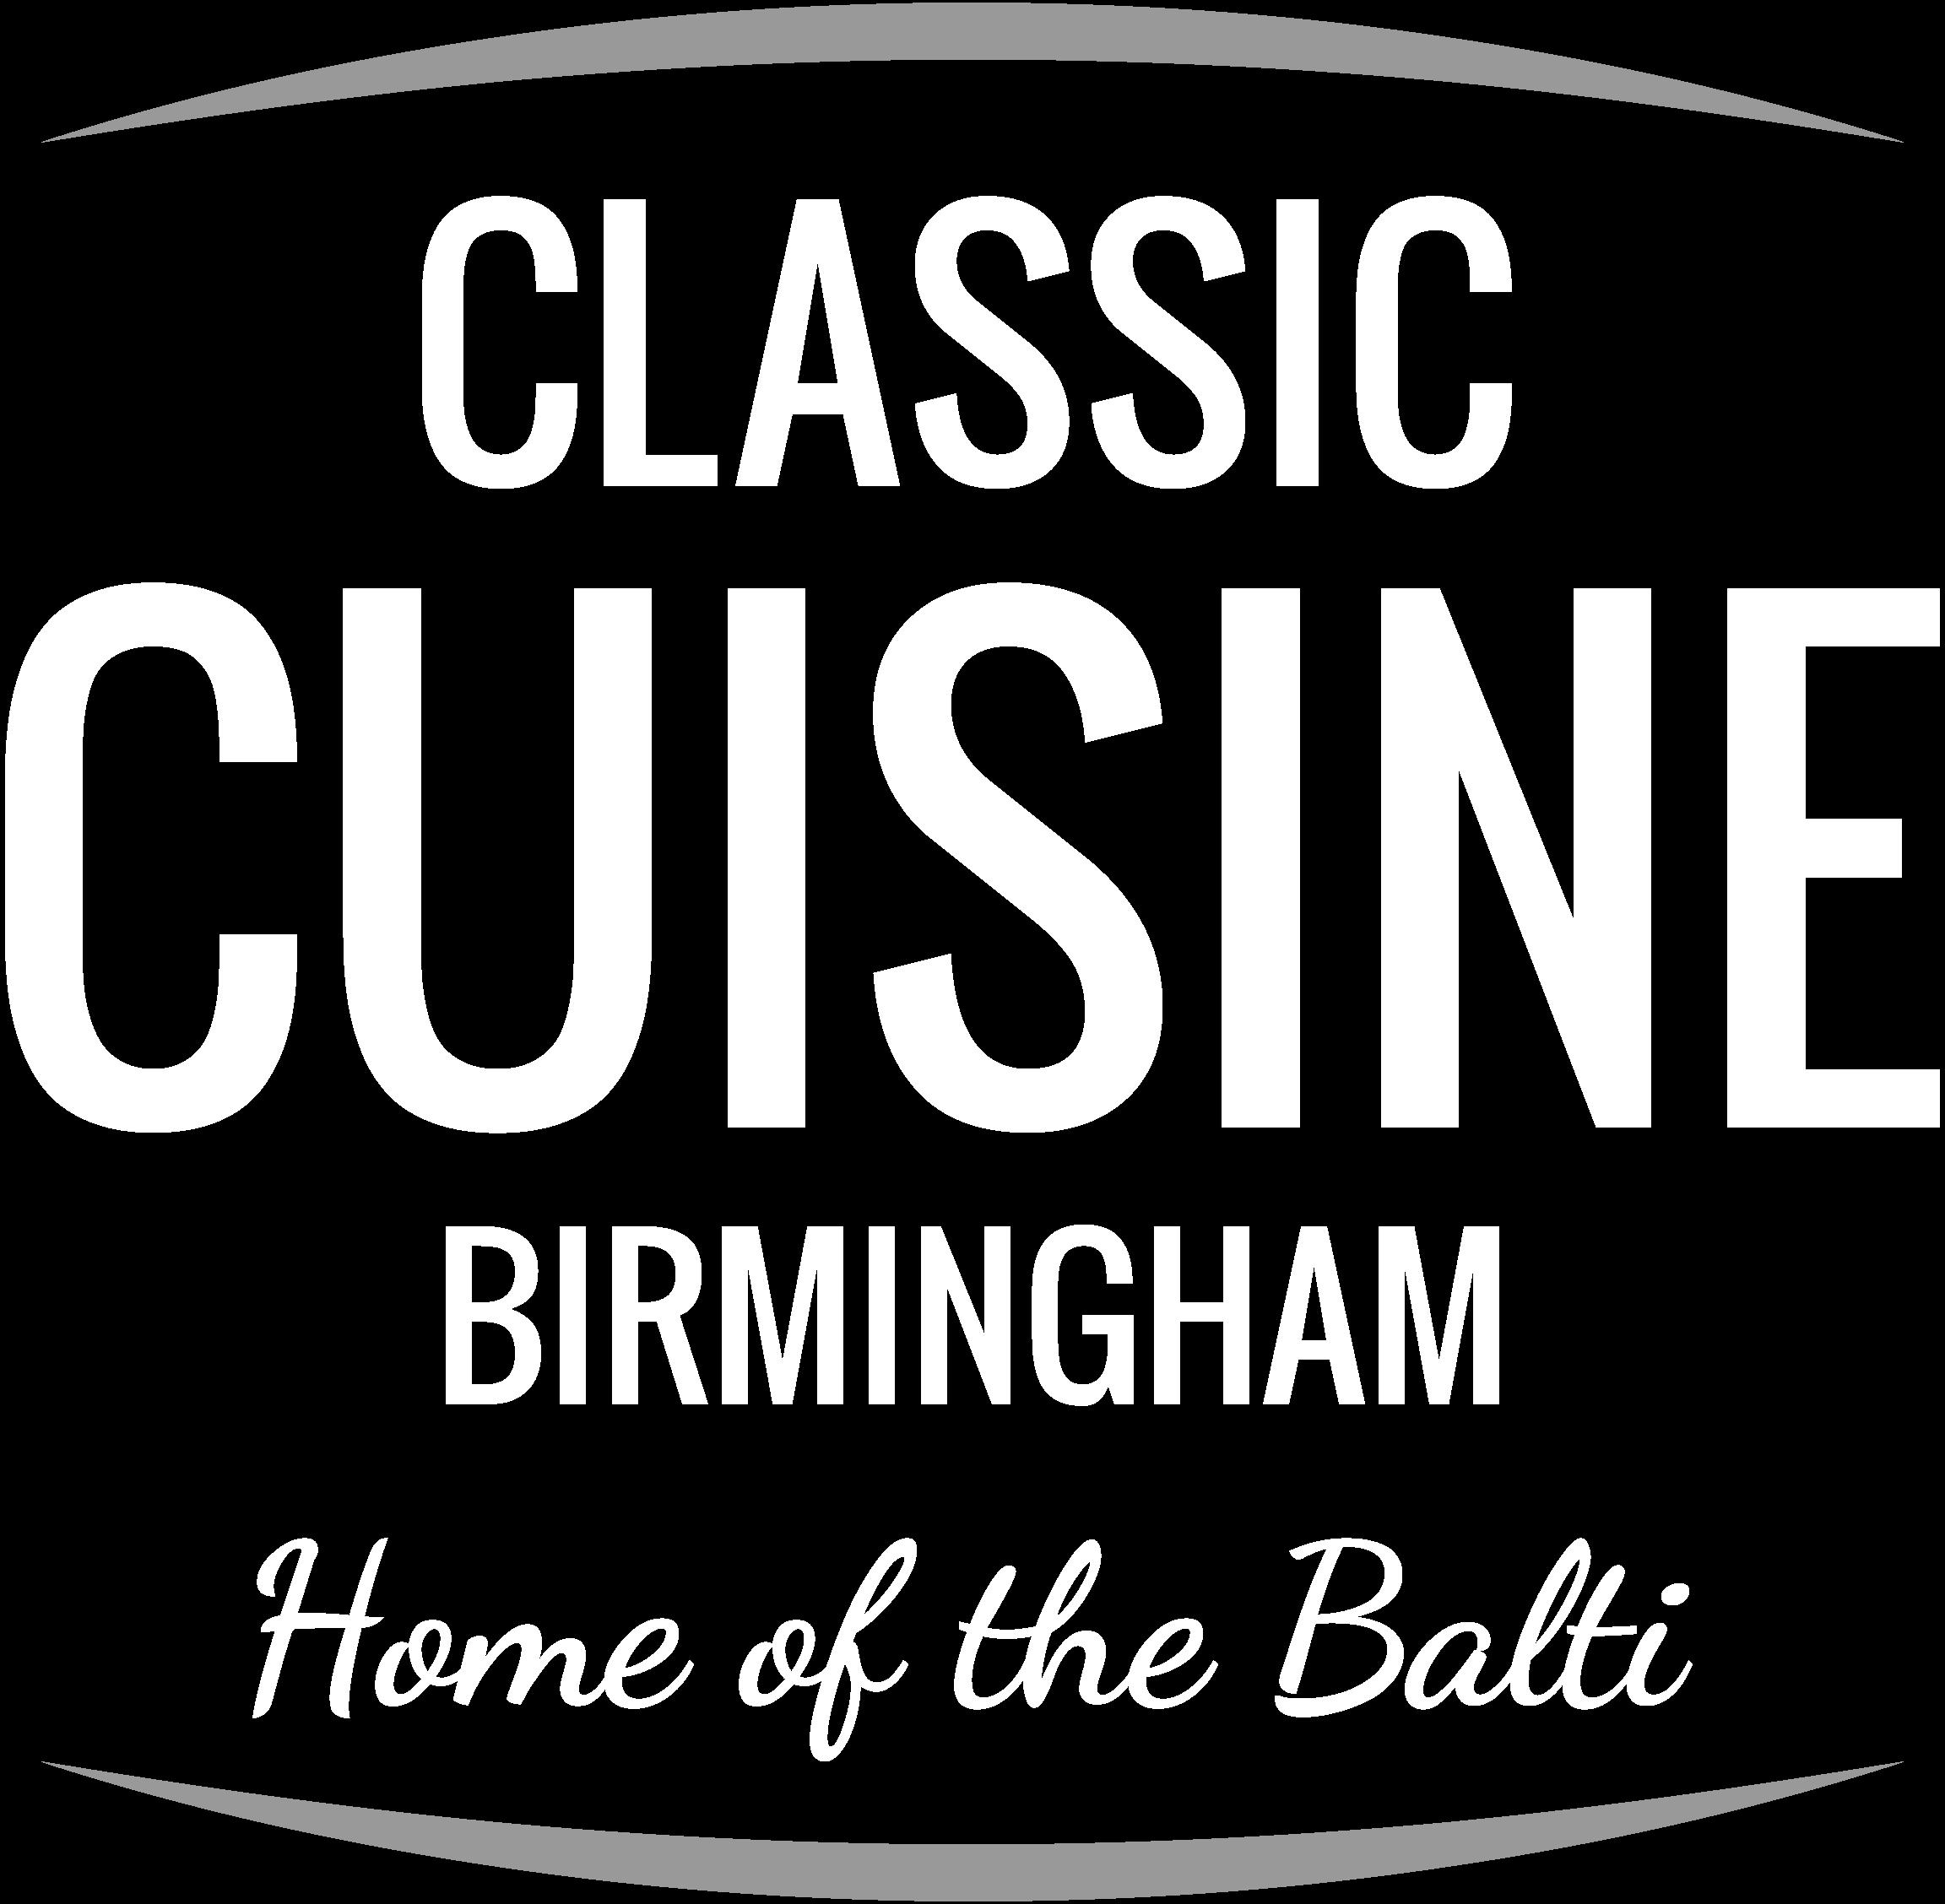 classic-cuisine-logo-large